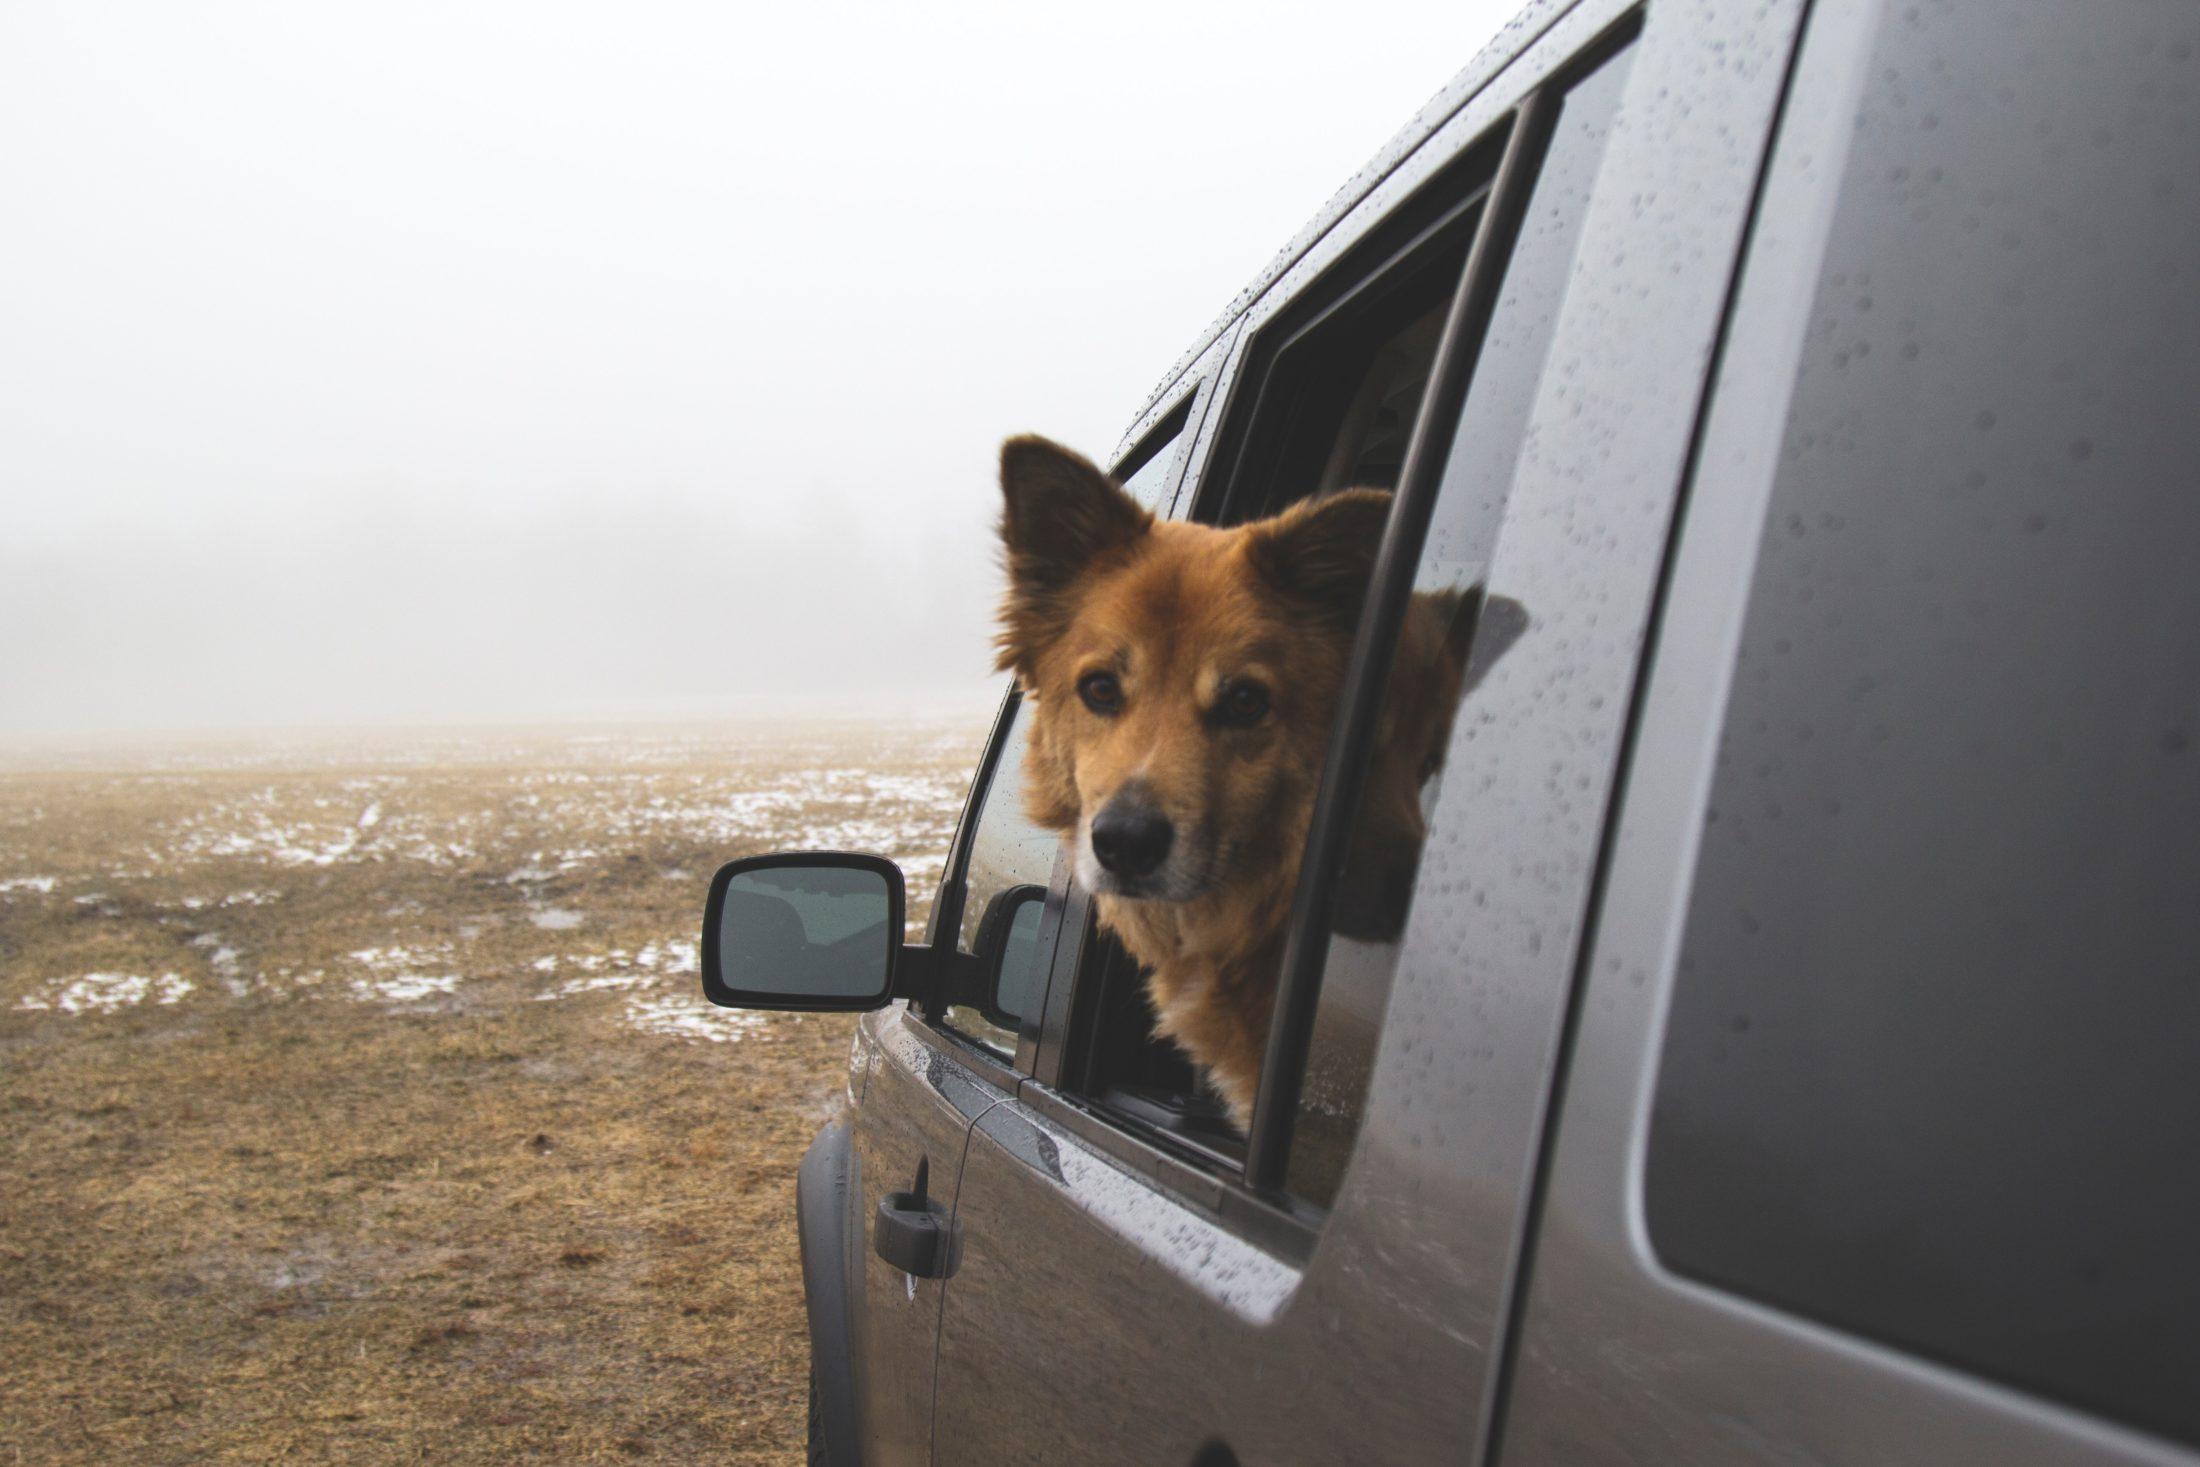 Ao viajar com cachorro por longos períodos deixe que ele sinta abriza pela janela de vez em quando.